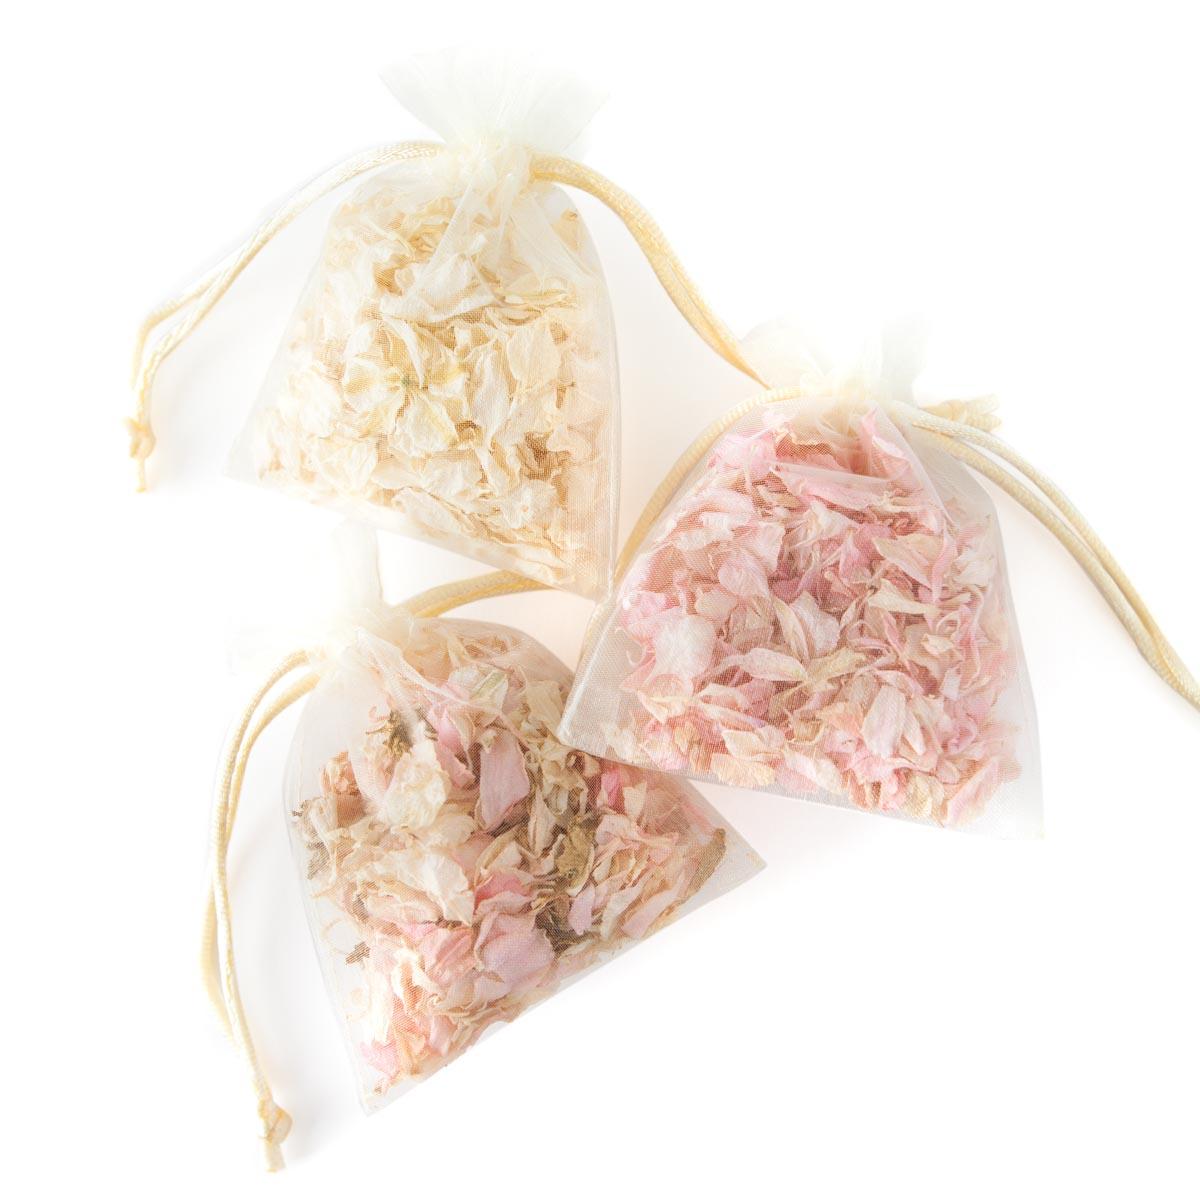 Confetti petal bags - pink delphinium petals